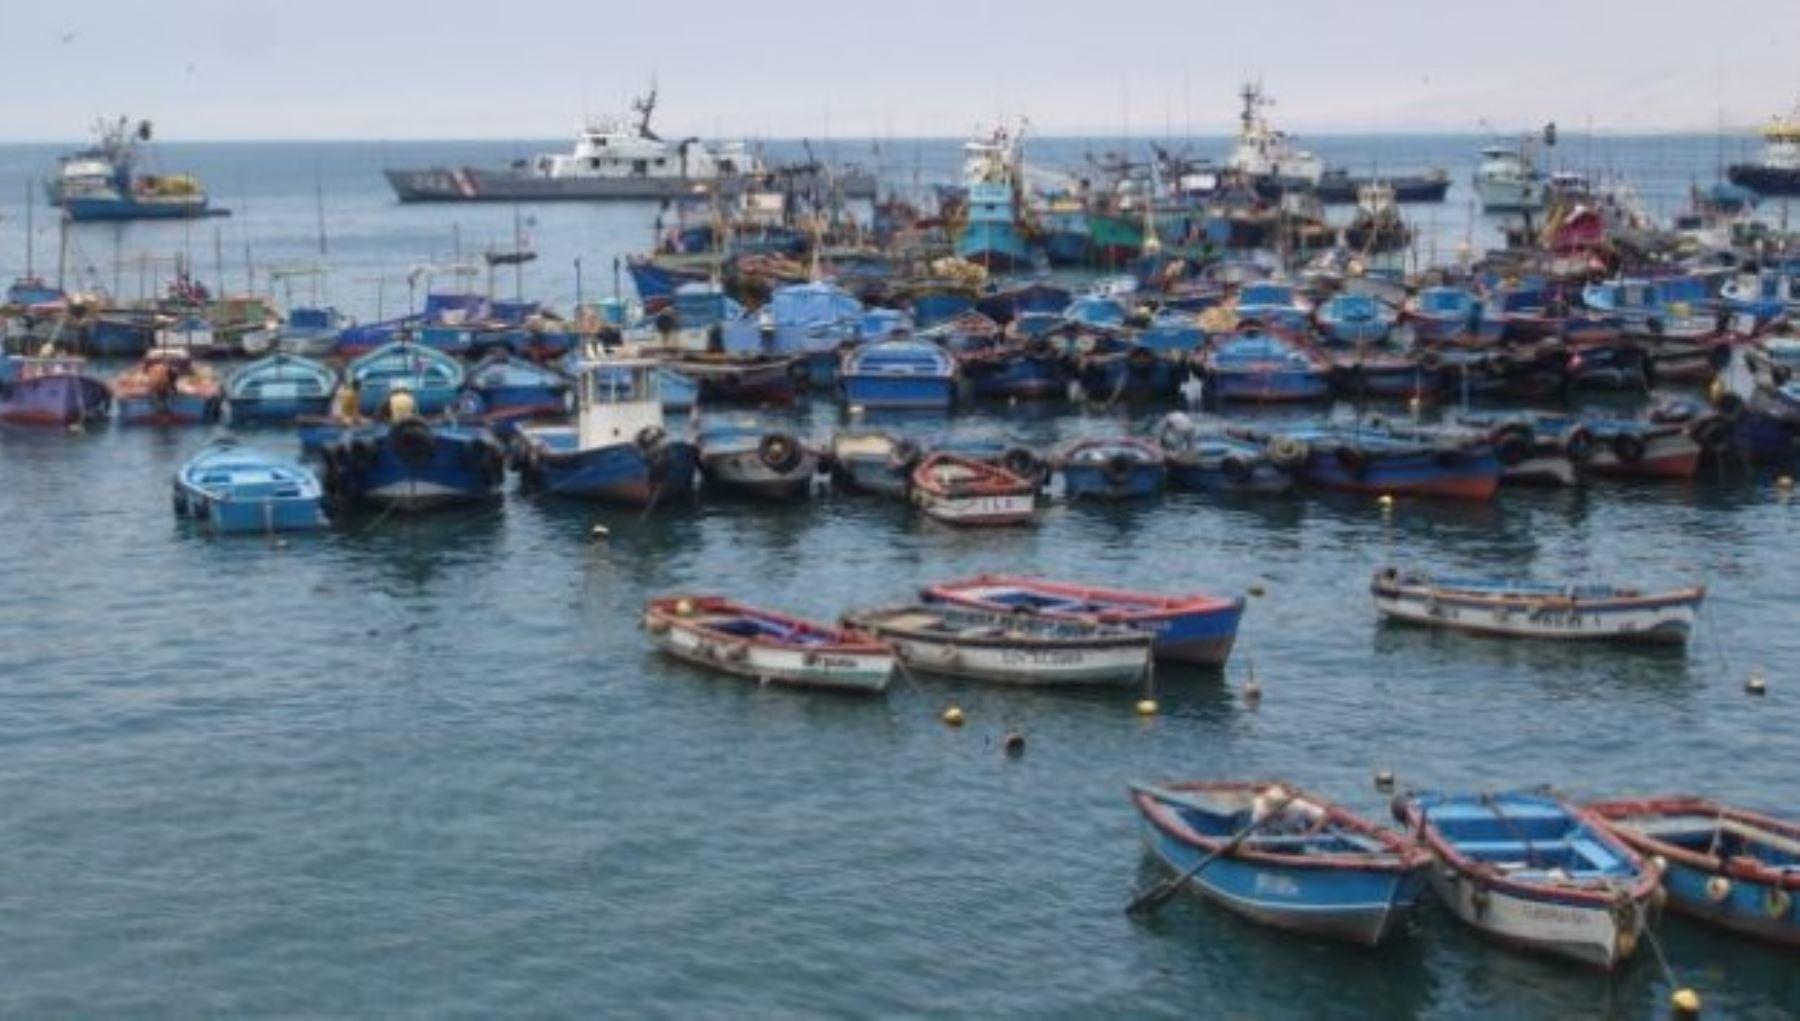 Oleajes moderados a fuertes obligan a cerrar 80 puertos en todo el litoral